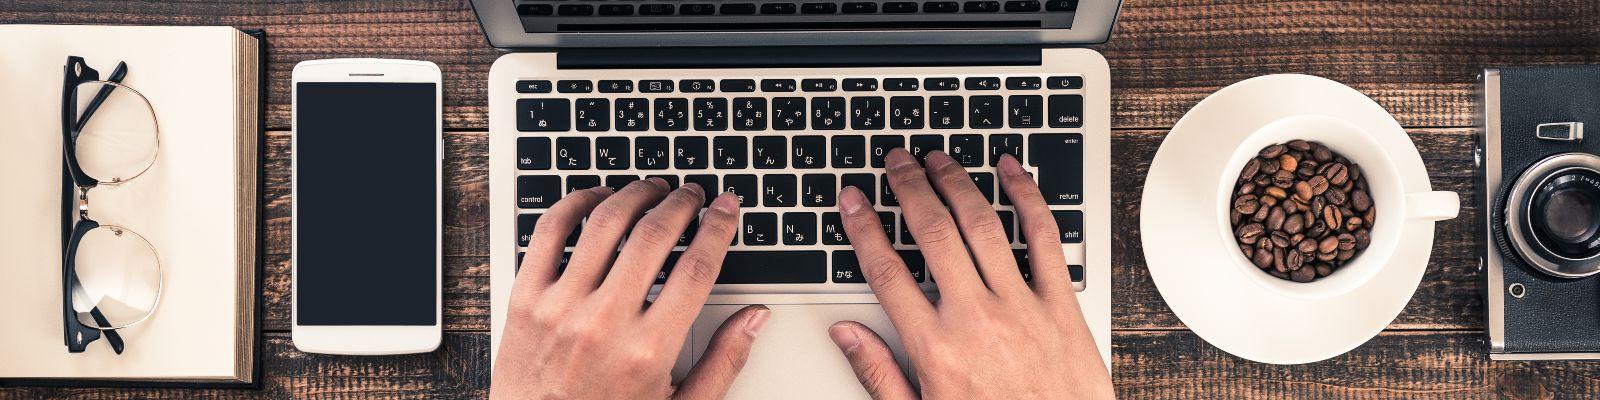 Hände am PC